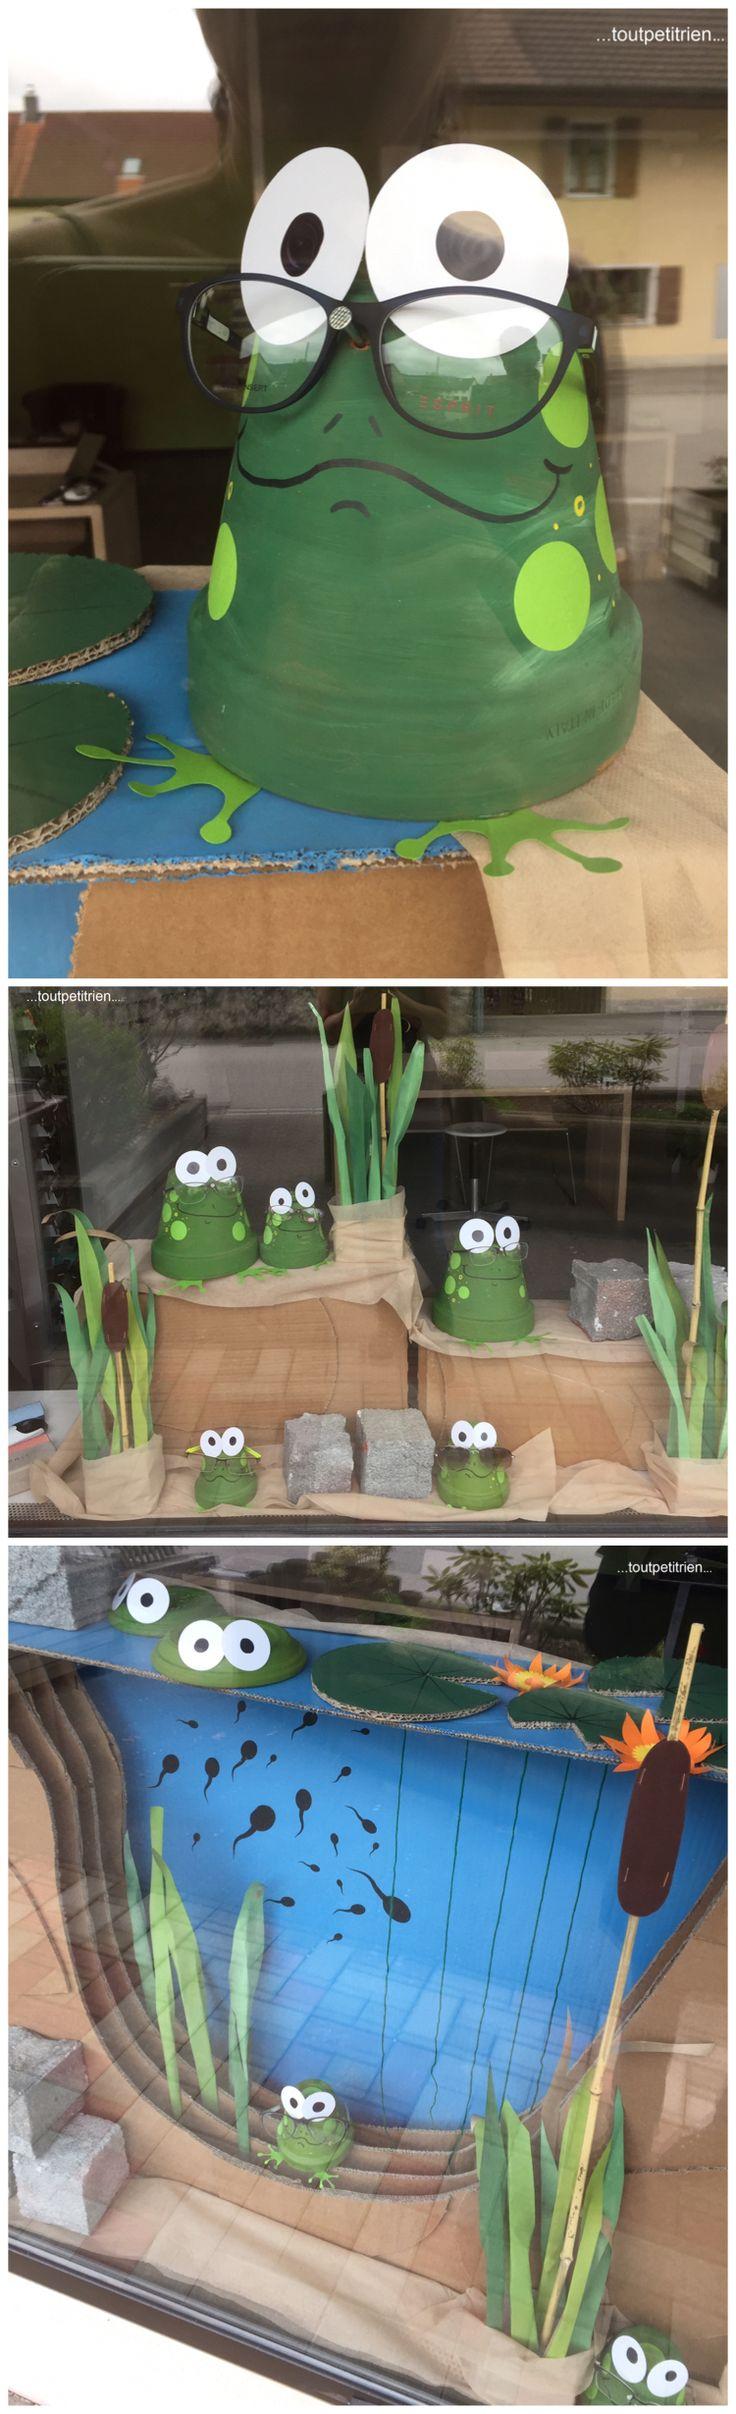 #Décoration #vitrines magasin d'optique. www.toutpetitrien.ch - fleurysylvie